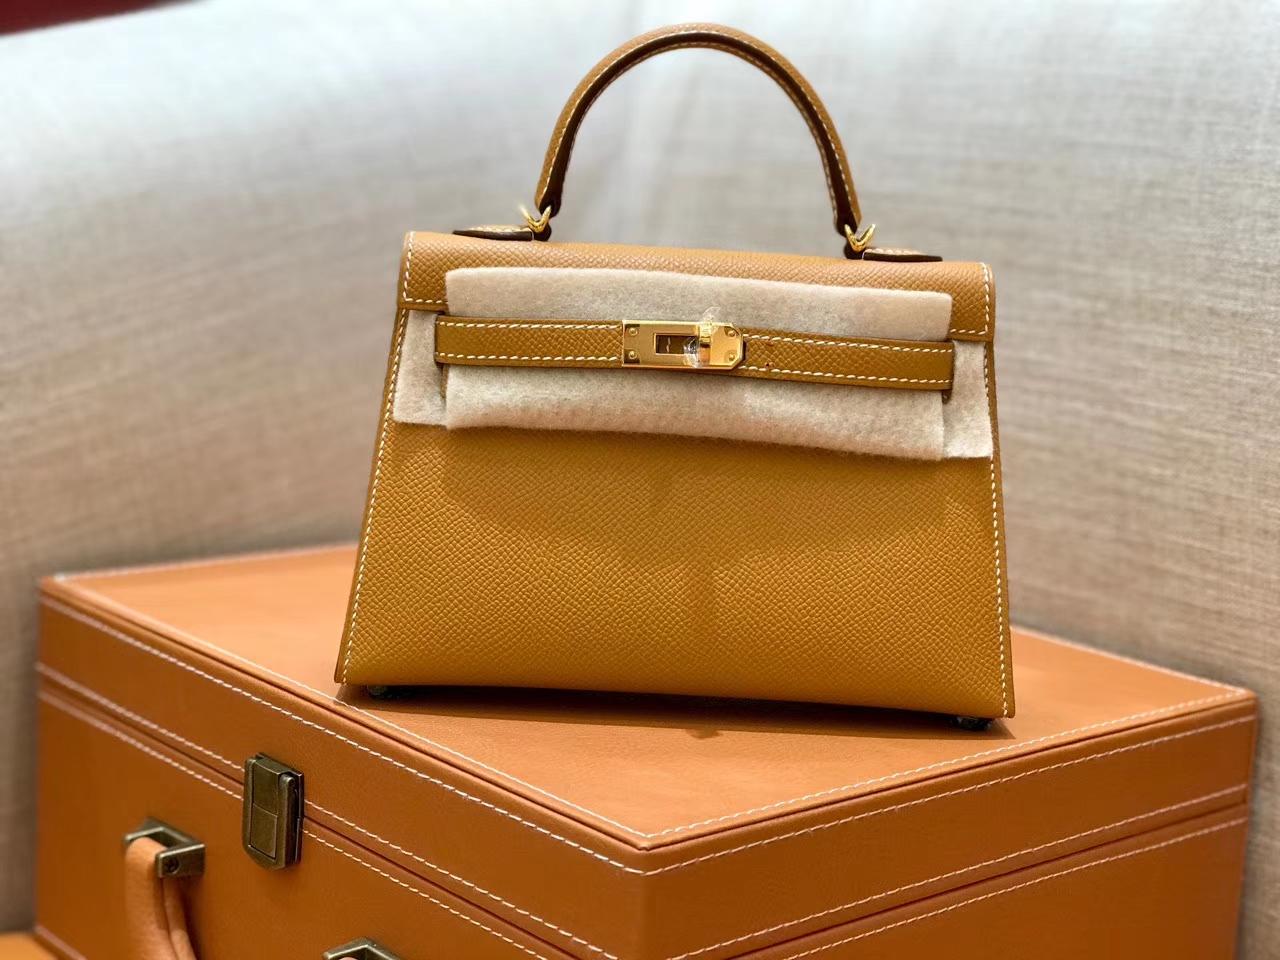 Hermès(爱马仕)mini Kelly 金棕色 金扣 德国进口掌纹皮 全手工缝制